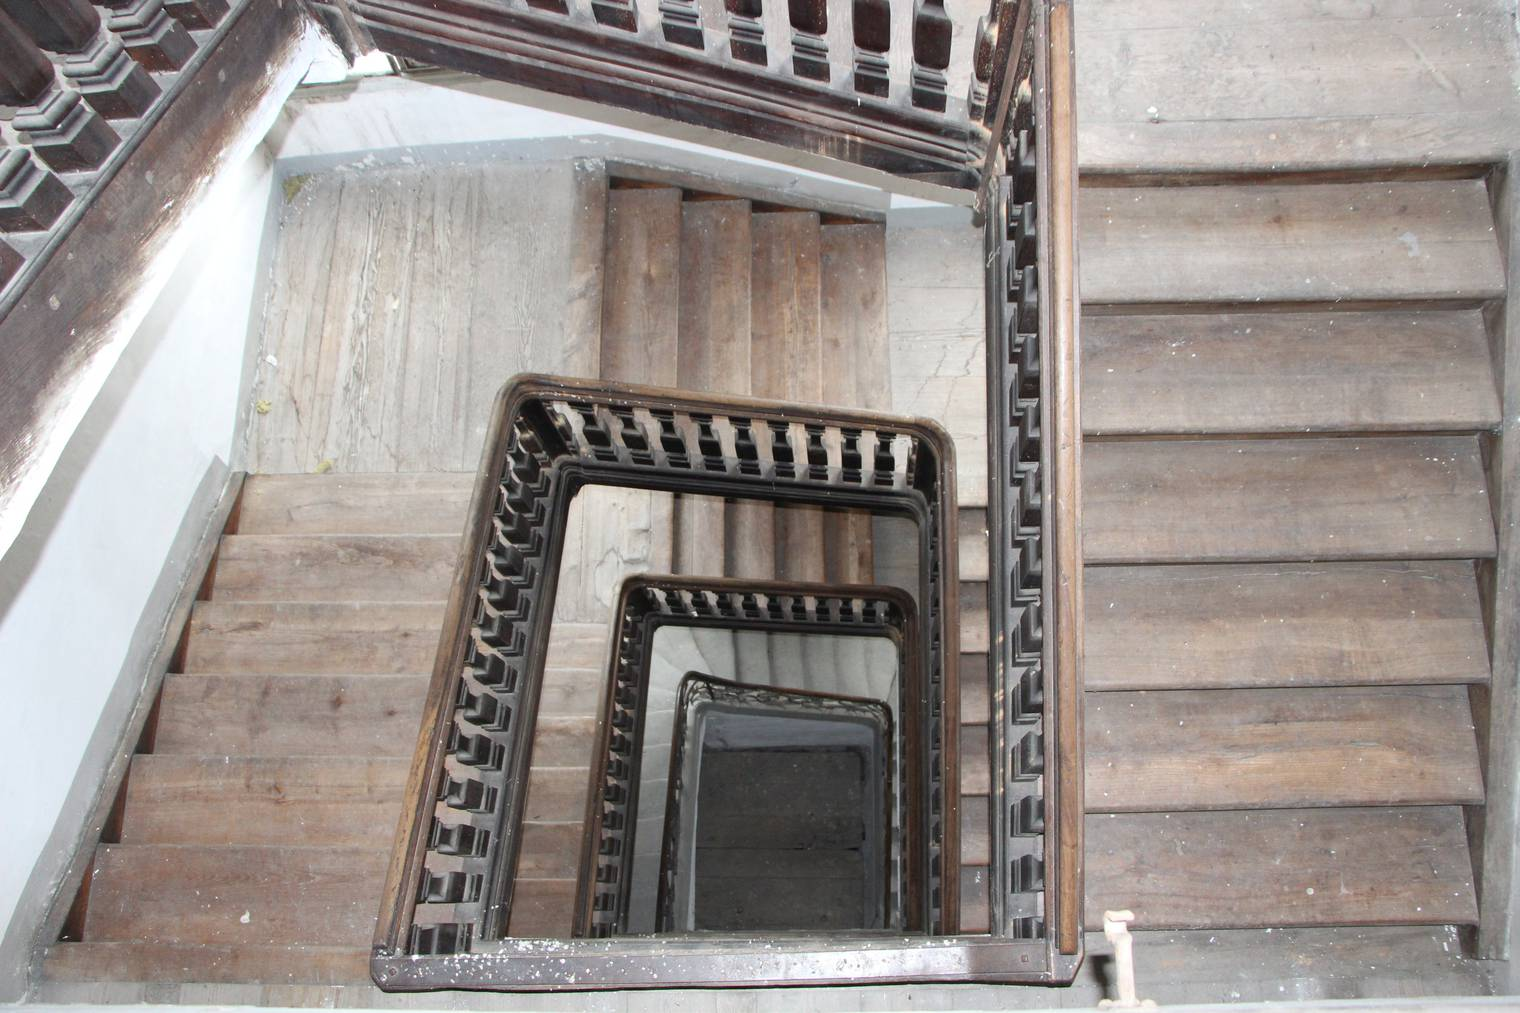 Bei fast jedem Tritt auf der Treppe knarrt es. © FM1Today/Lara Abderhalden